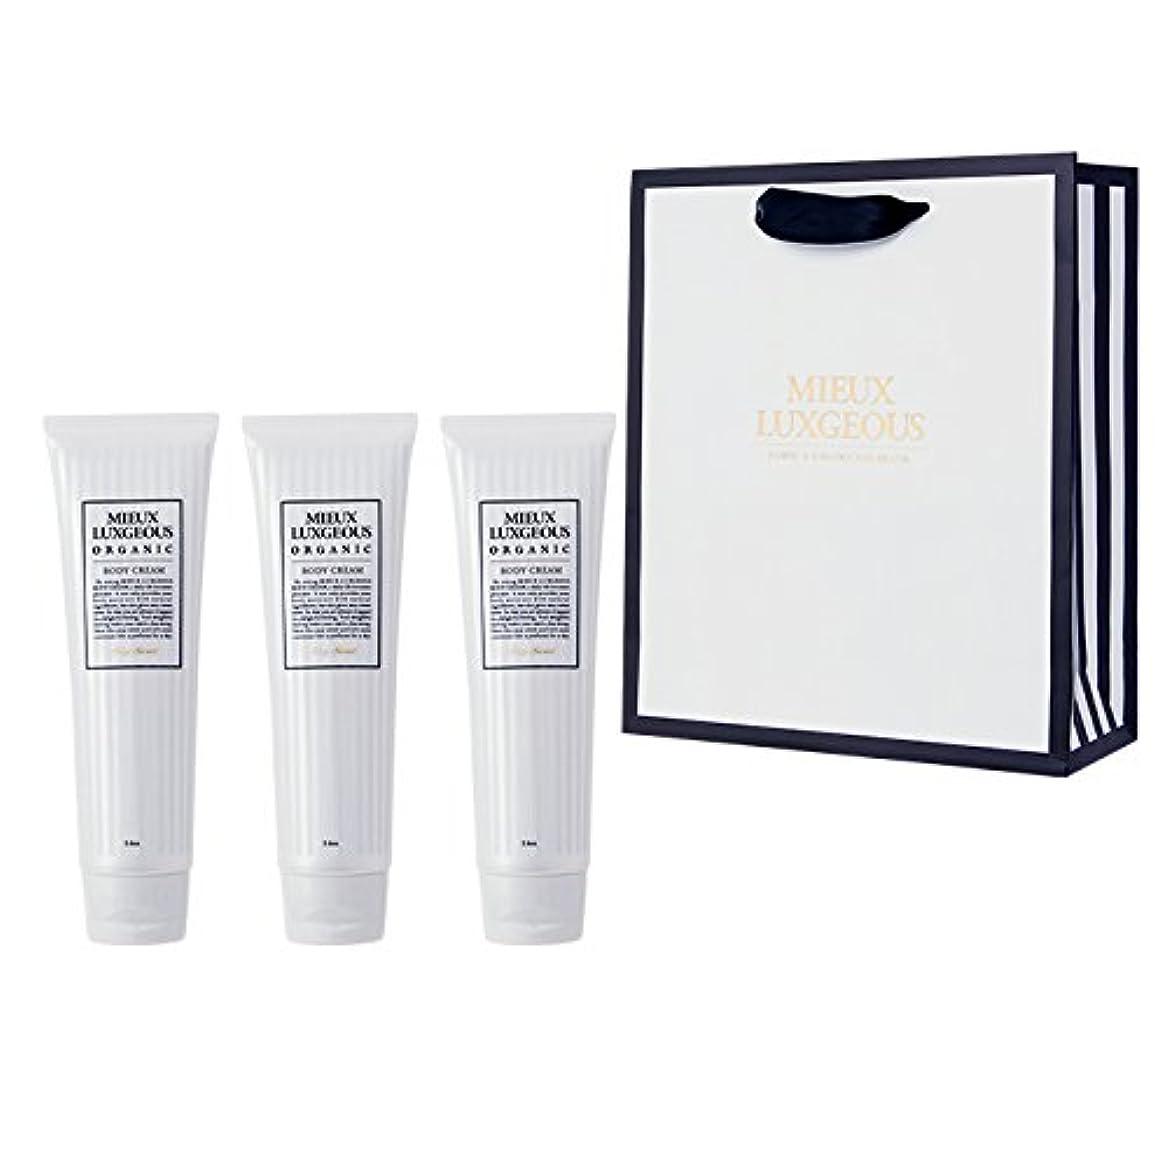 情熱的独立して橋脚Body Cream 3本set with Paperbag02